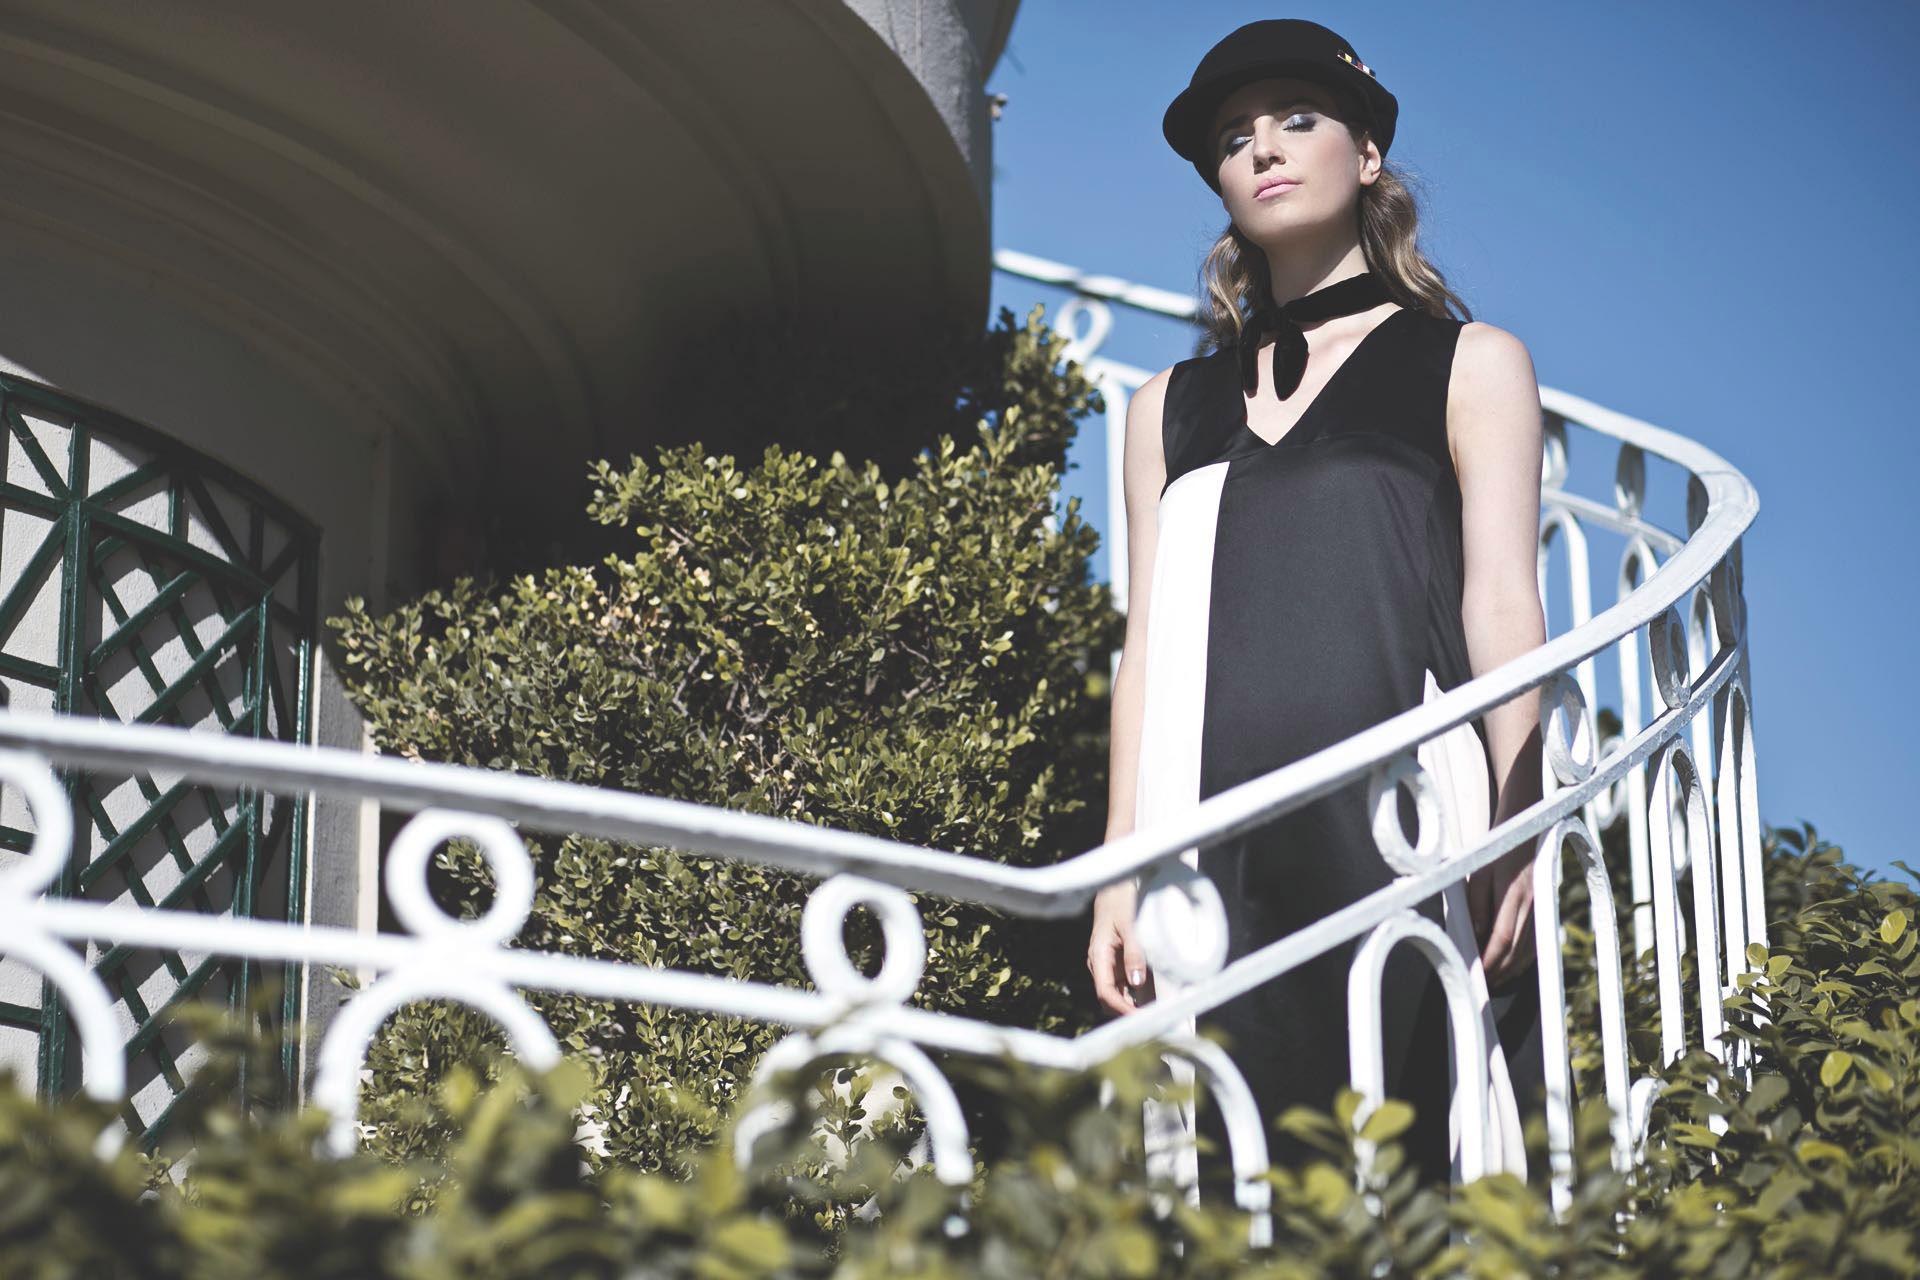 Gorra (Compañía de Sombreros), gargantilla de terciopelo (Vitamina) y vestido largo bicolor ($ 4.200, Uma).